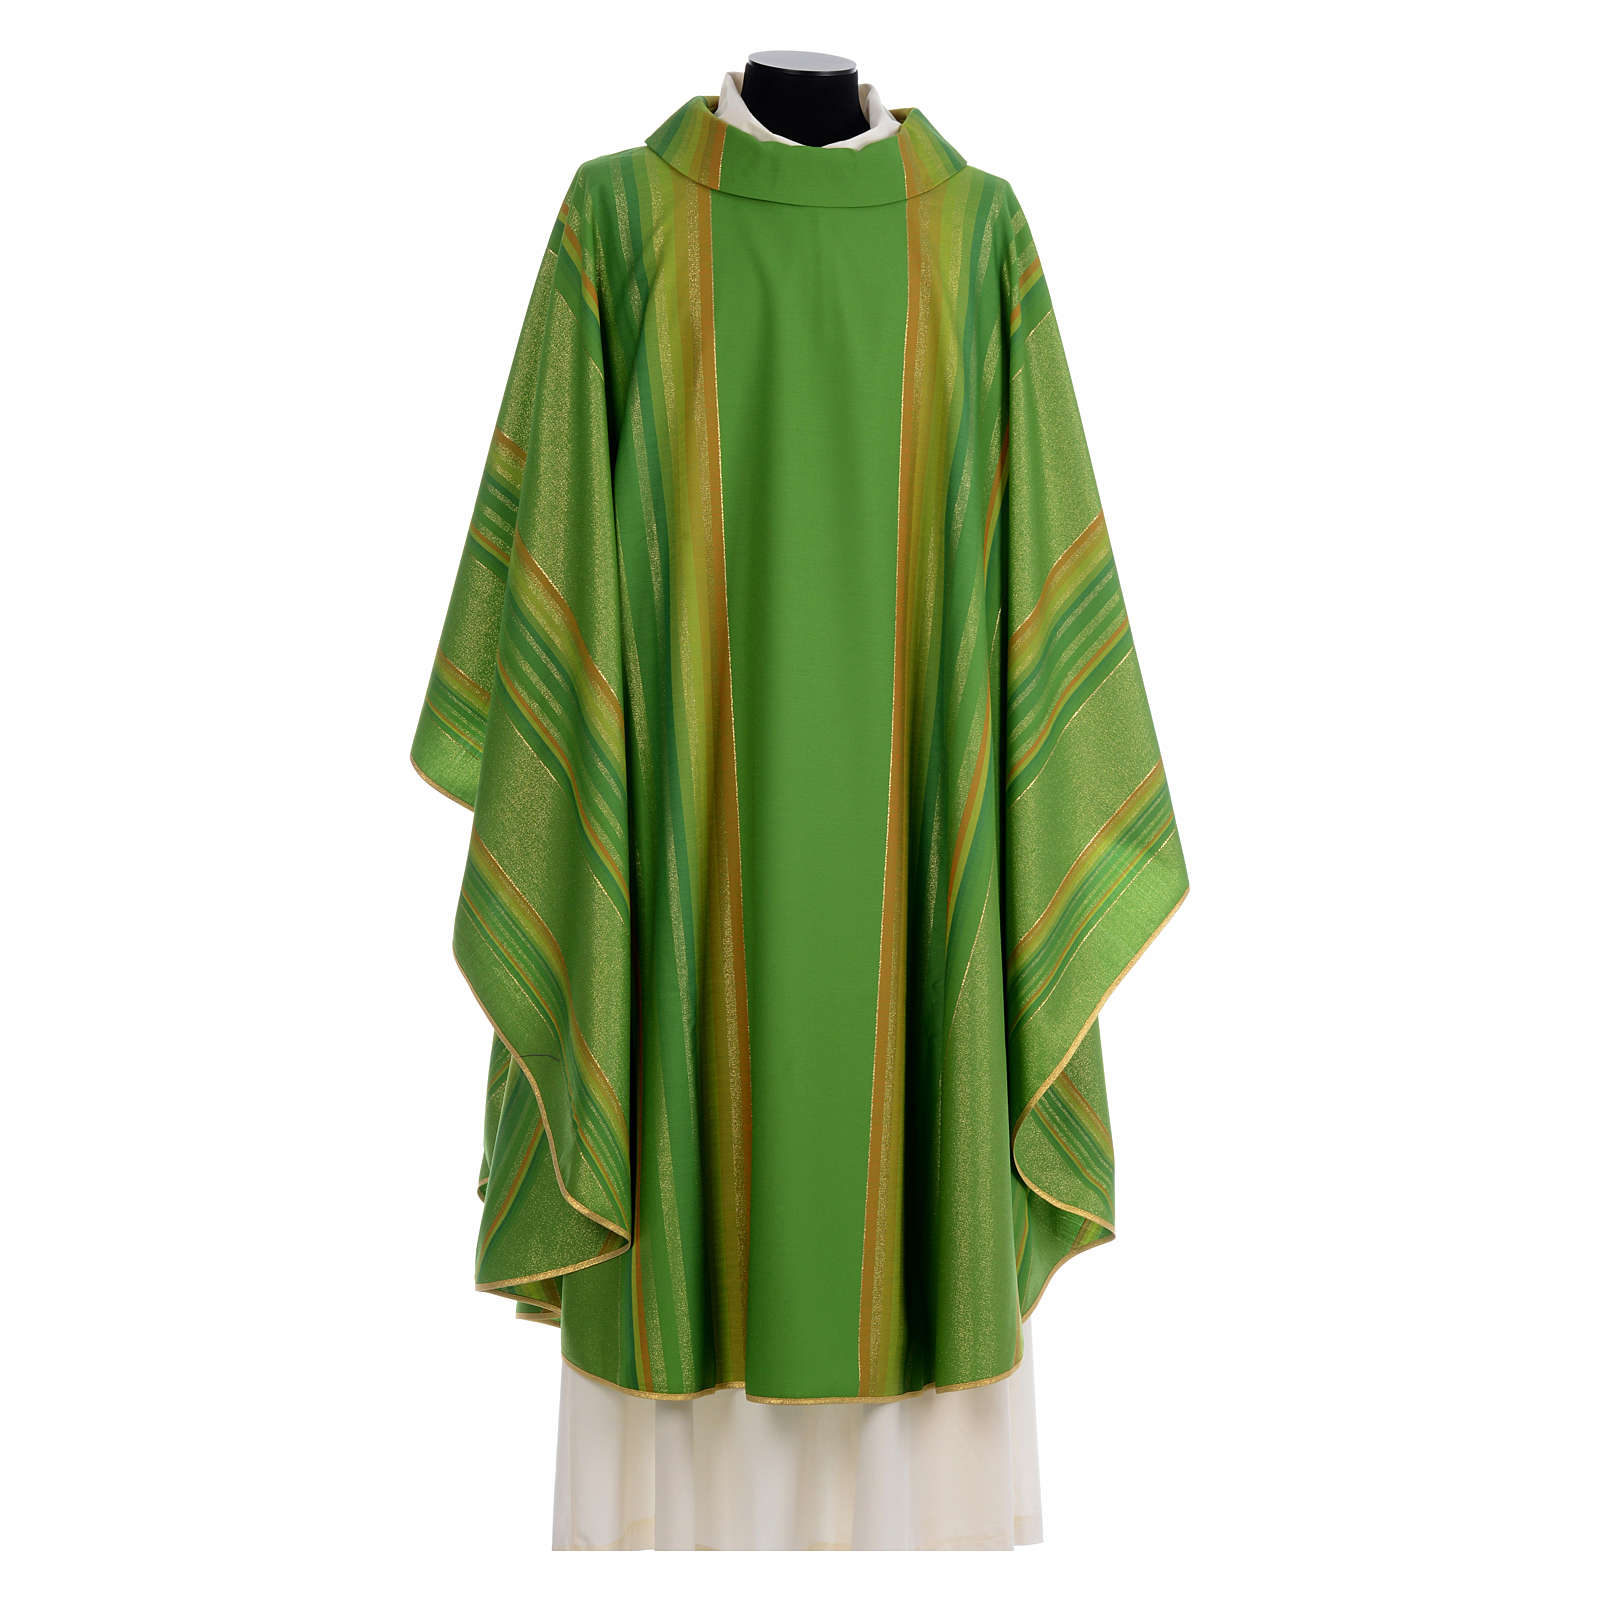 Chasuble liturgique 69% laine vierge double retors Tasmania,22% viscose, 9% polyester 4